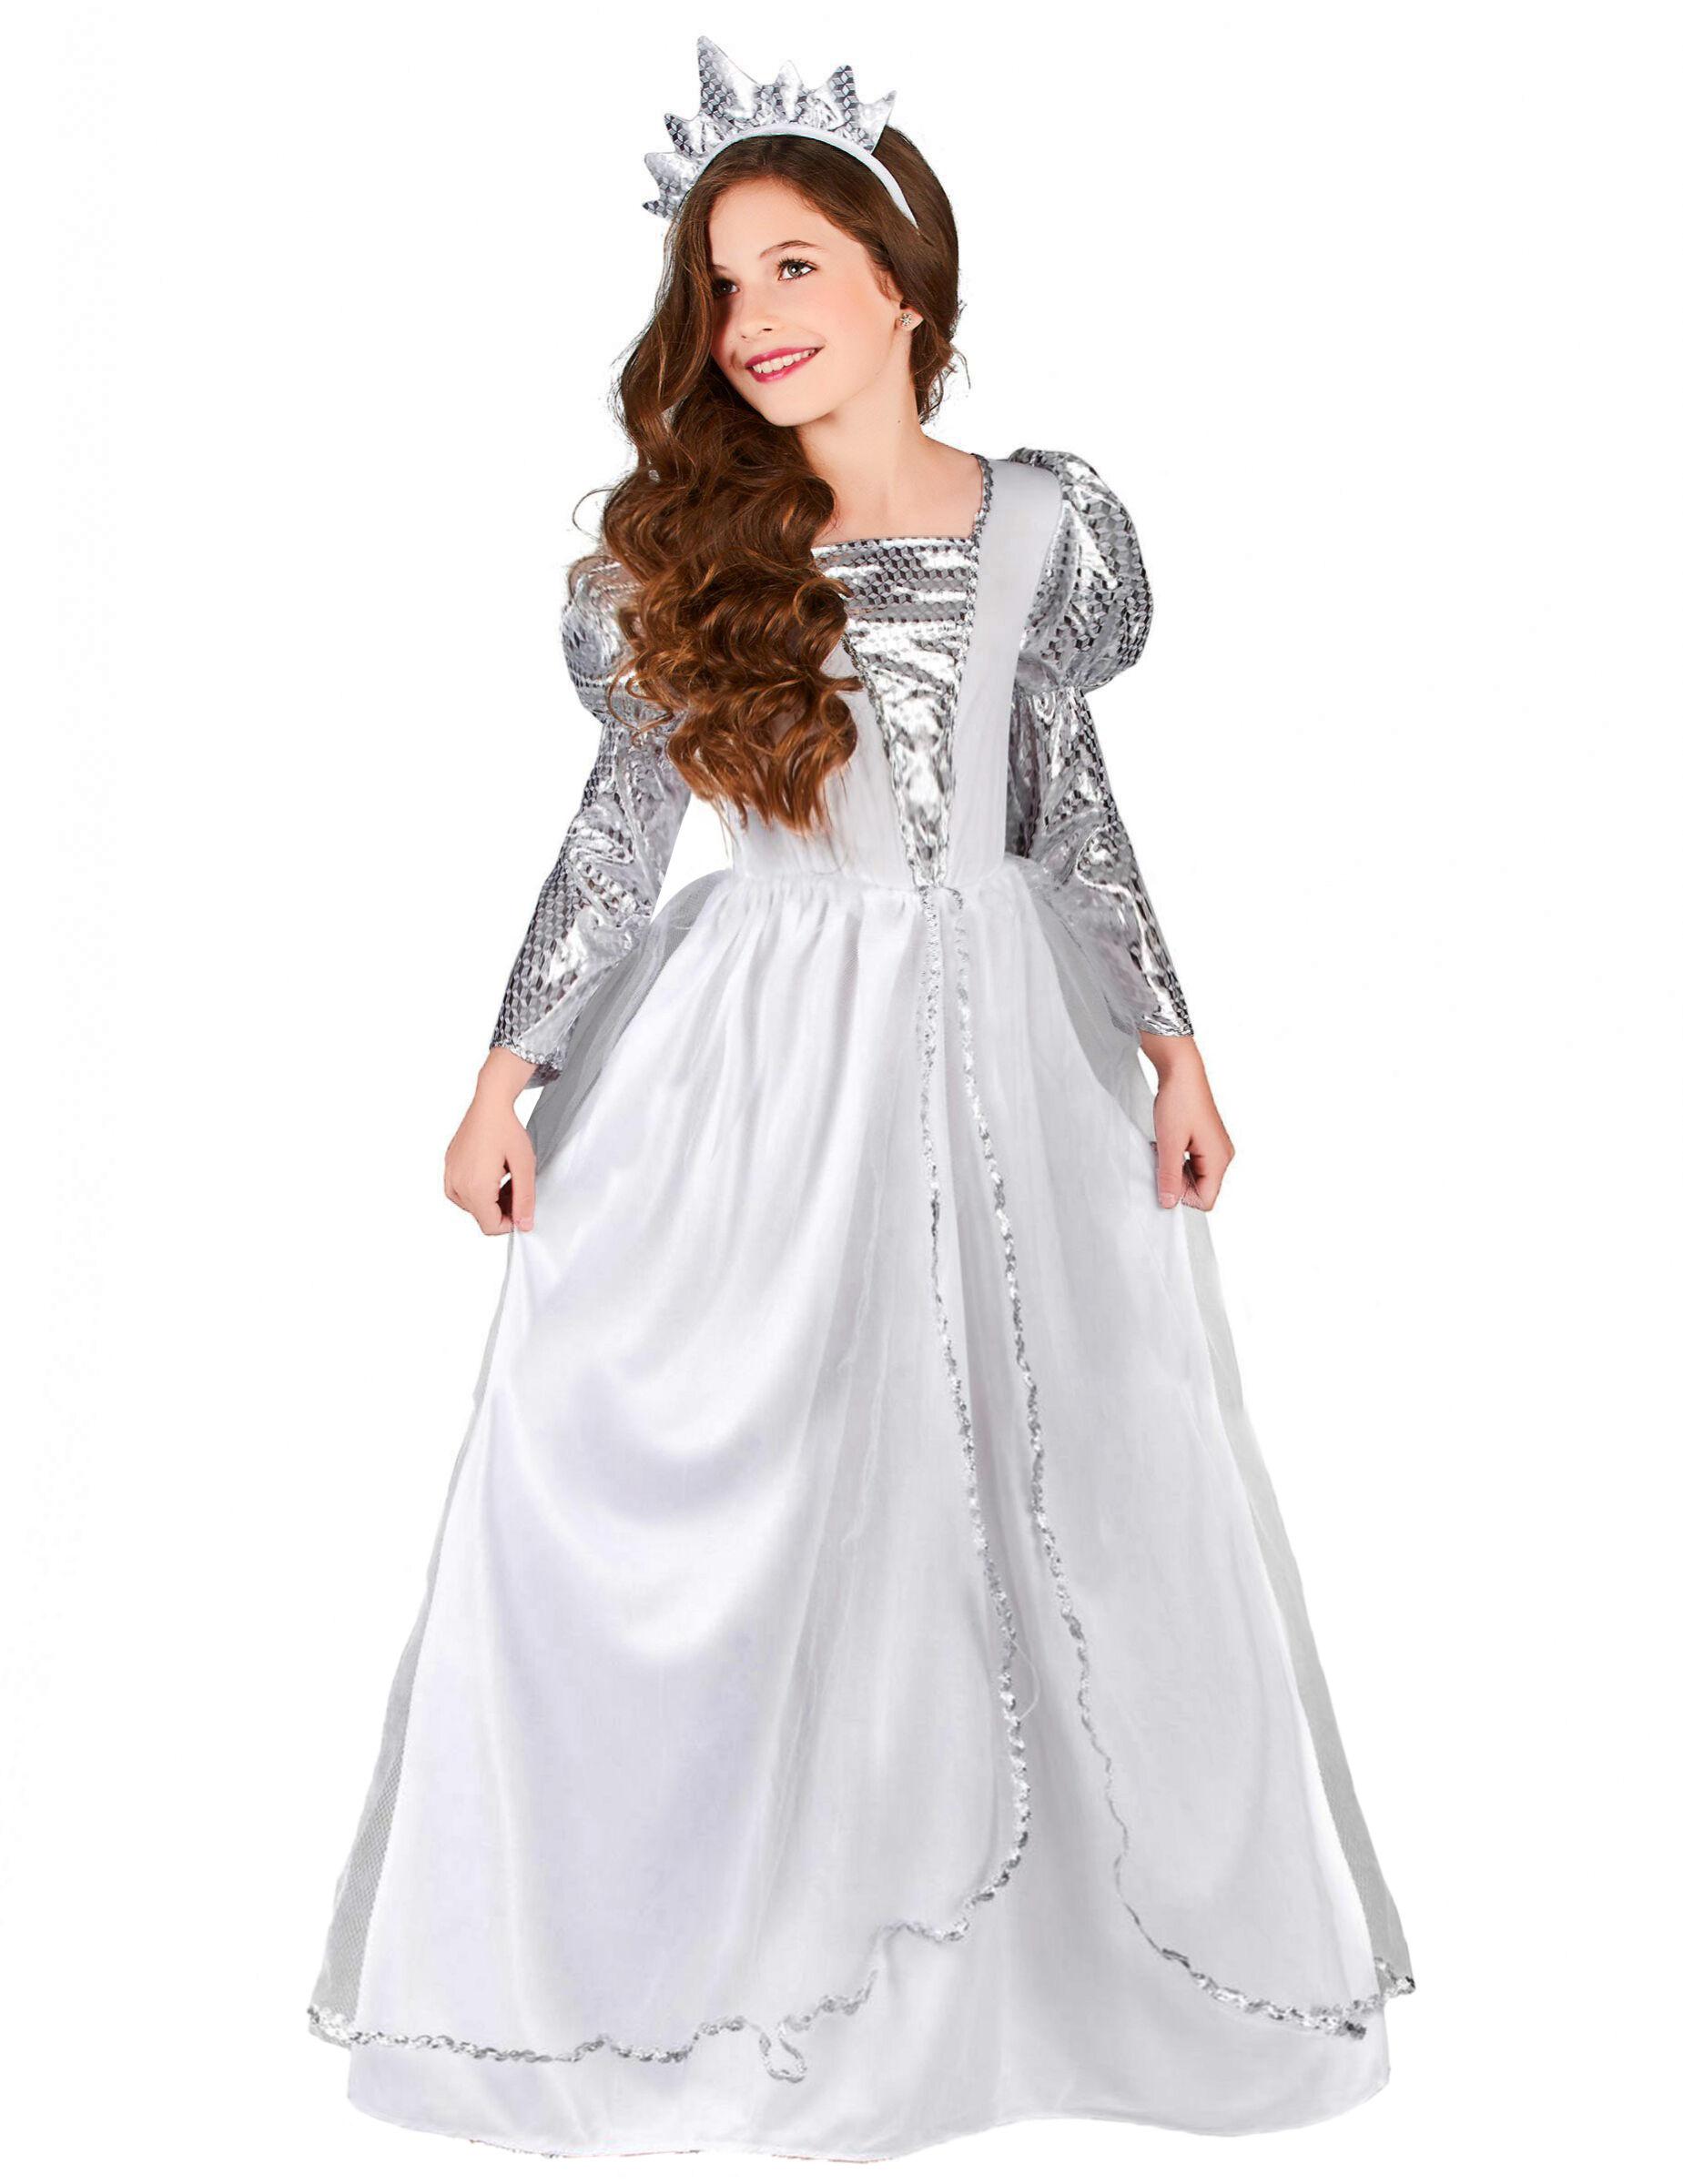 Deguisetoi Déguisement princesse à voilage fille - Taille: S 4-6 ans (110-120 cm)